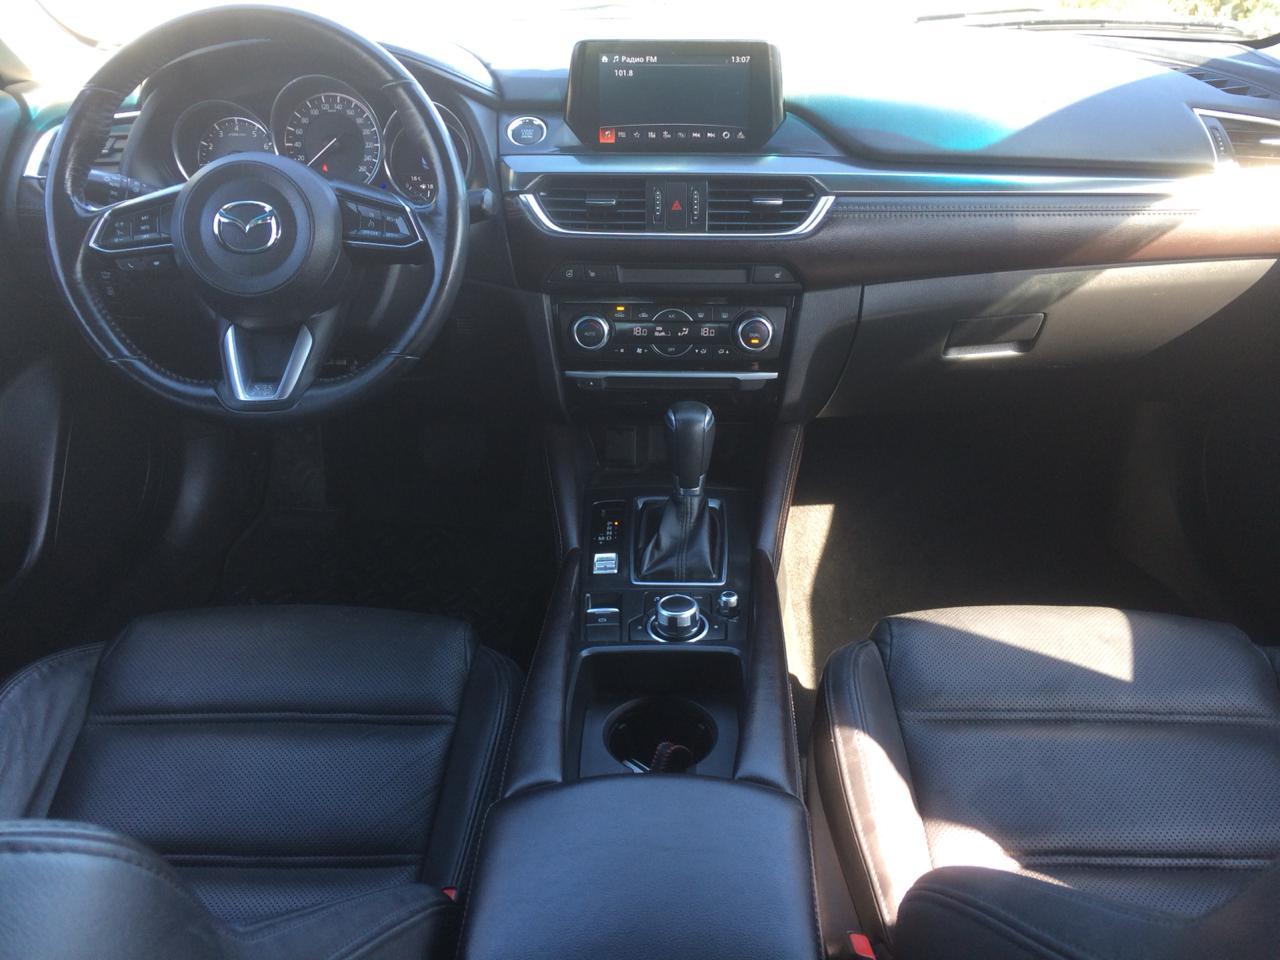 Mazda 6 (в связи с ограничениями на использование цифр в торговых марках автомобилей применяется слитное написание Mazda6) — среднеразмерный автомобиль японской компании Mazda. Выпускается с2002 года. В Японии и Китае продается под названием Mazda Atenza.